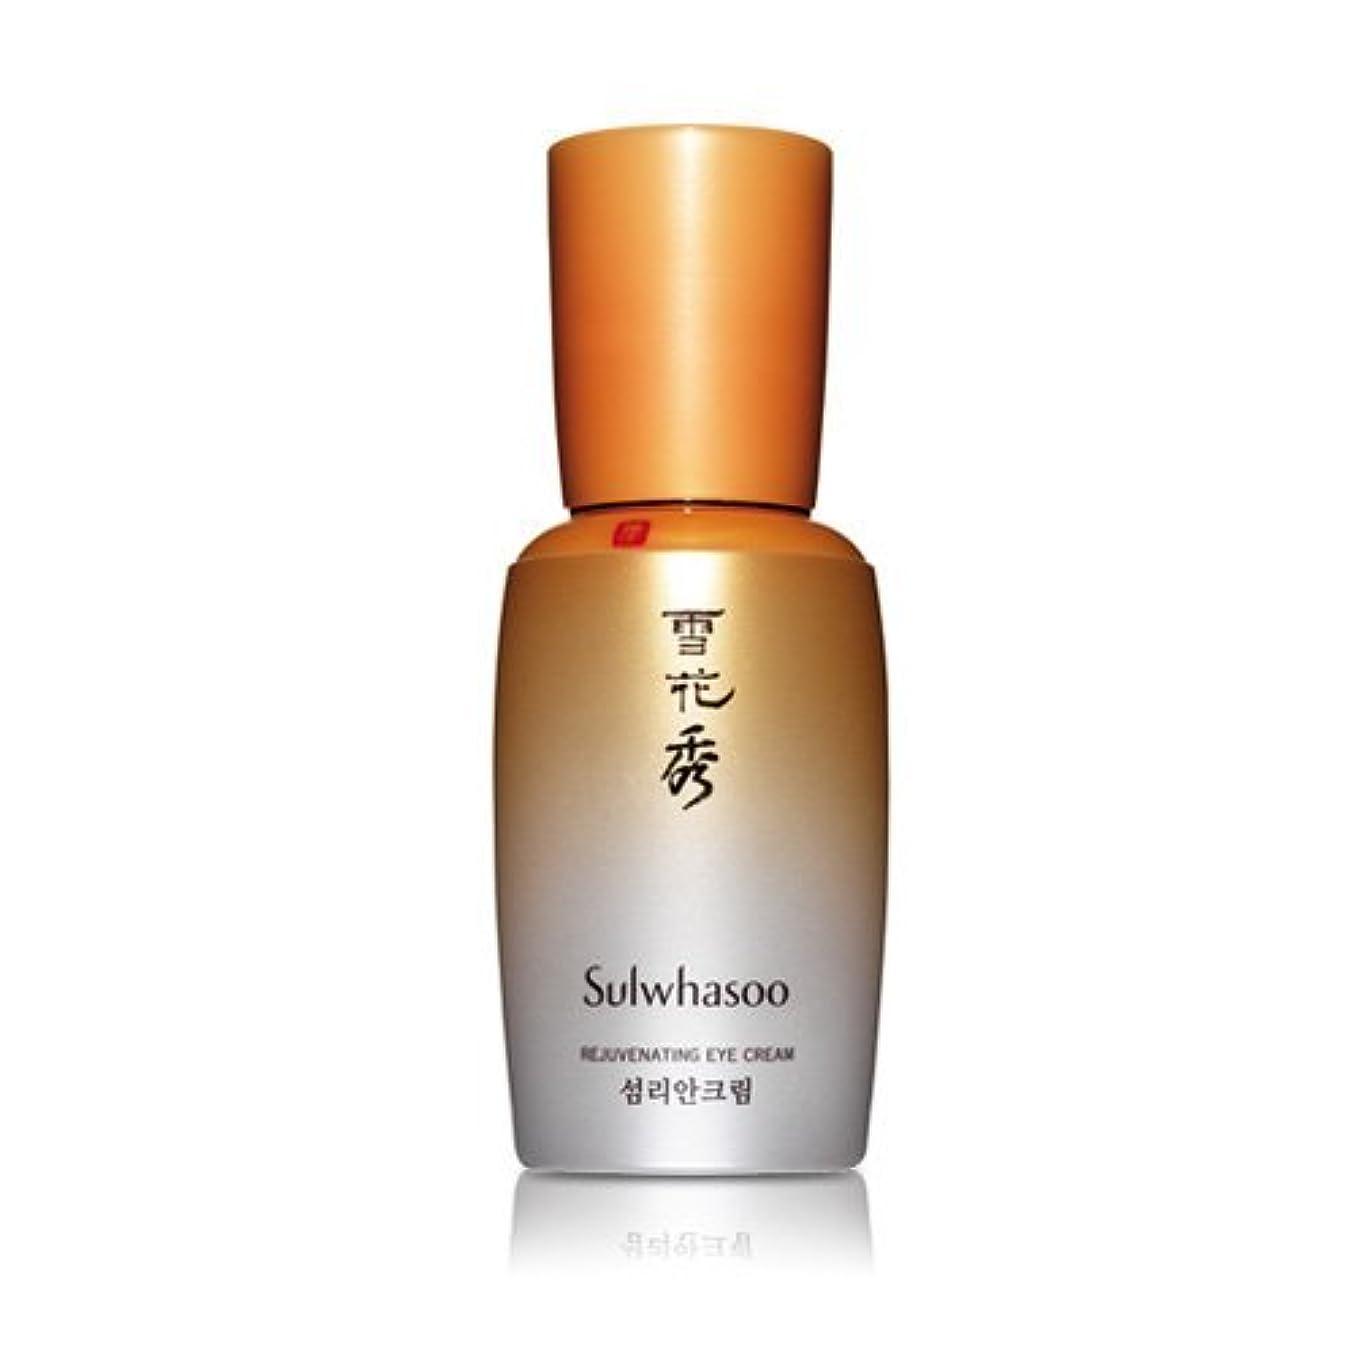 分泌する結晶衰える雪花秀/Sulwhasoo/ソルファス 閃理眼(ソムリアン)アイクリーム Rejuvenating Eye Cream 25ml Honest Skin 海外直送品